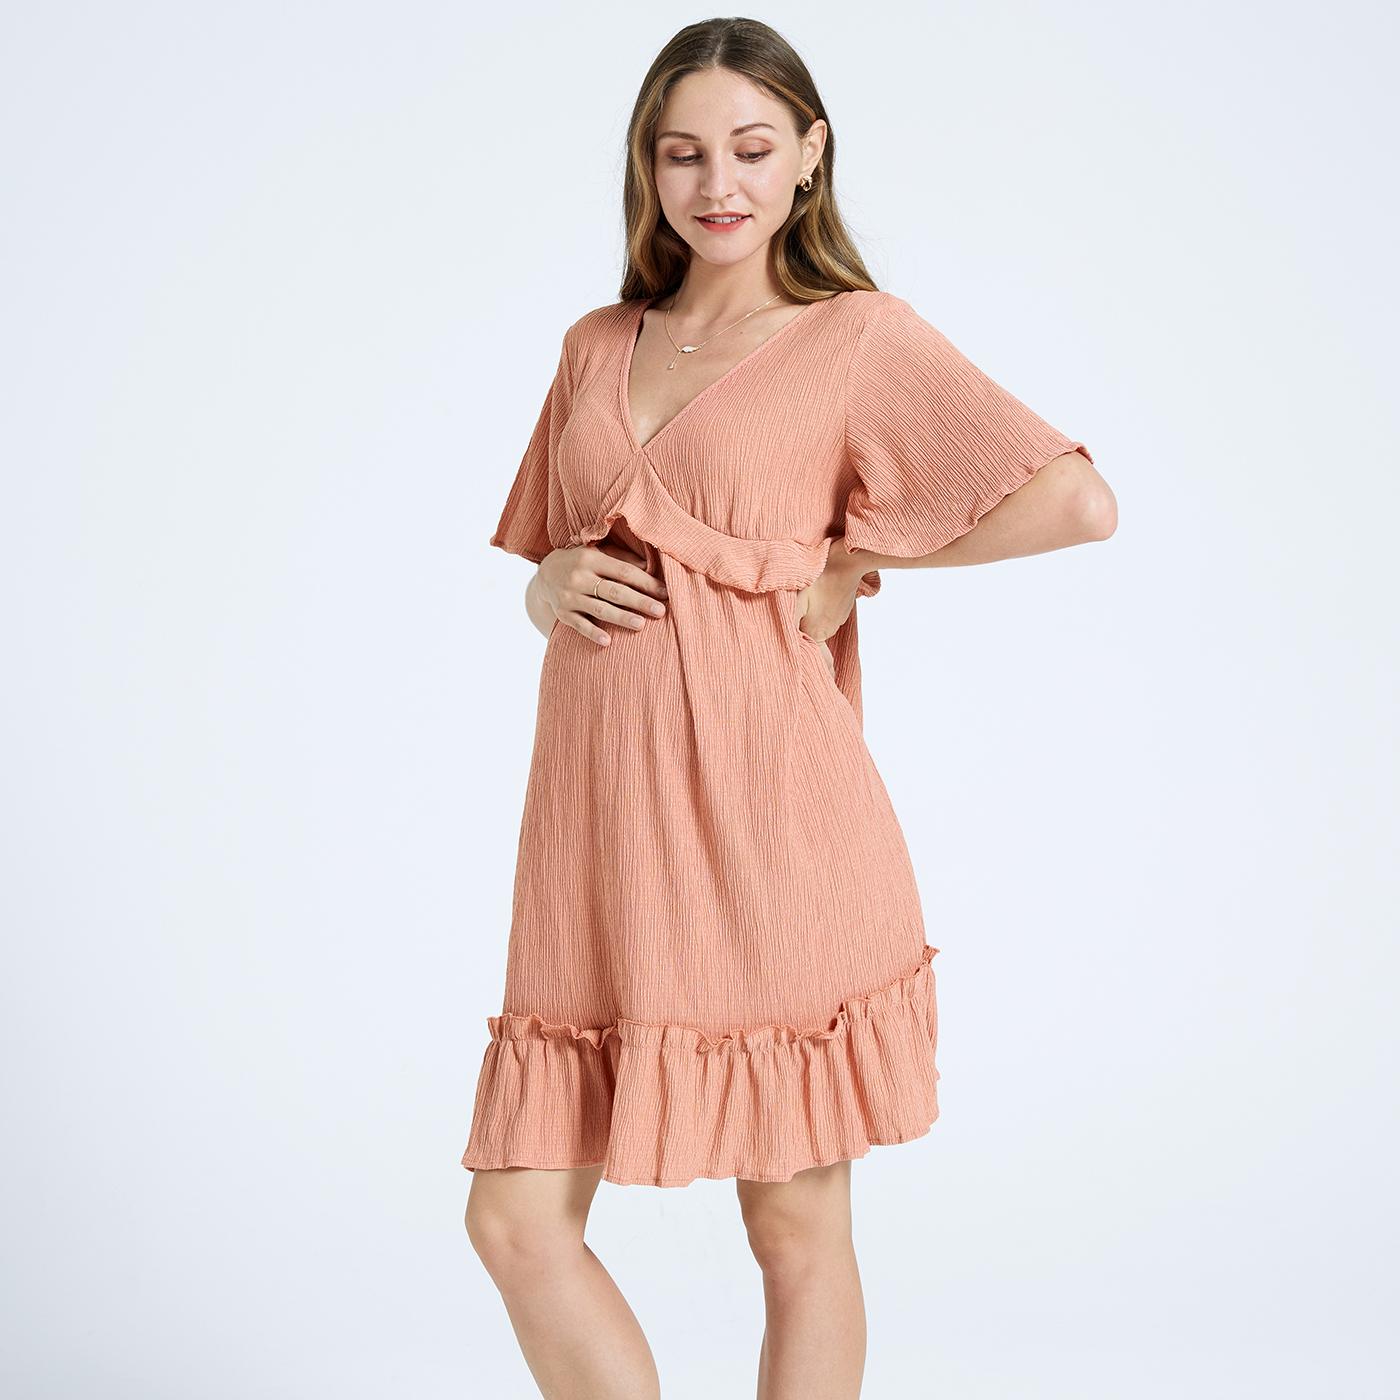 فستان قصير الأكمام ملابس للحوامل